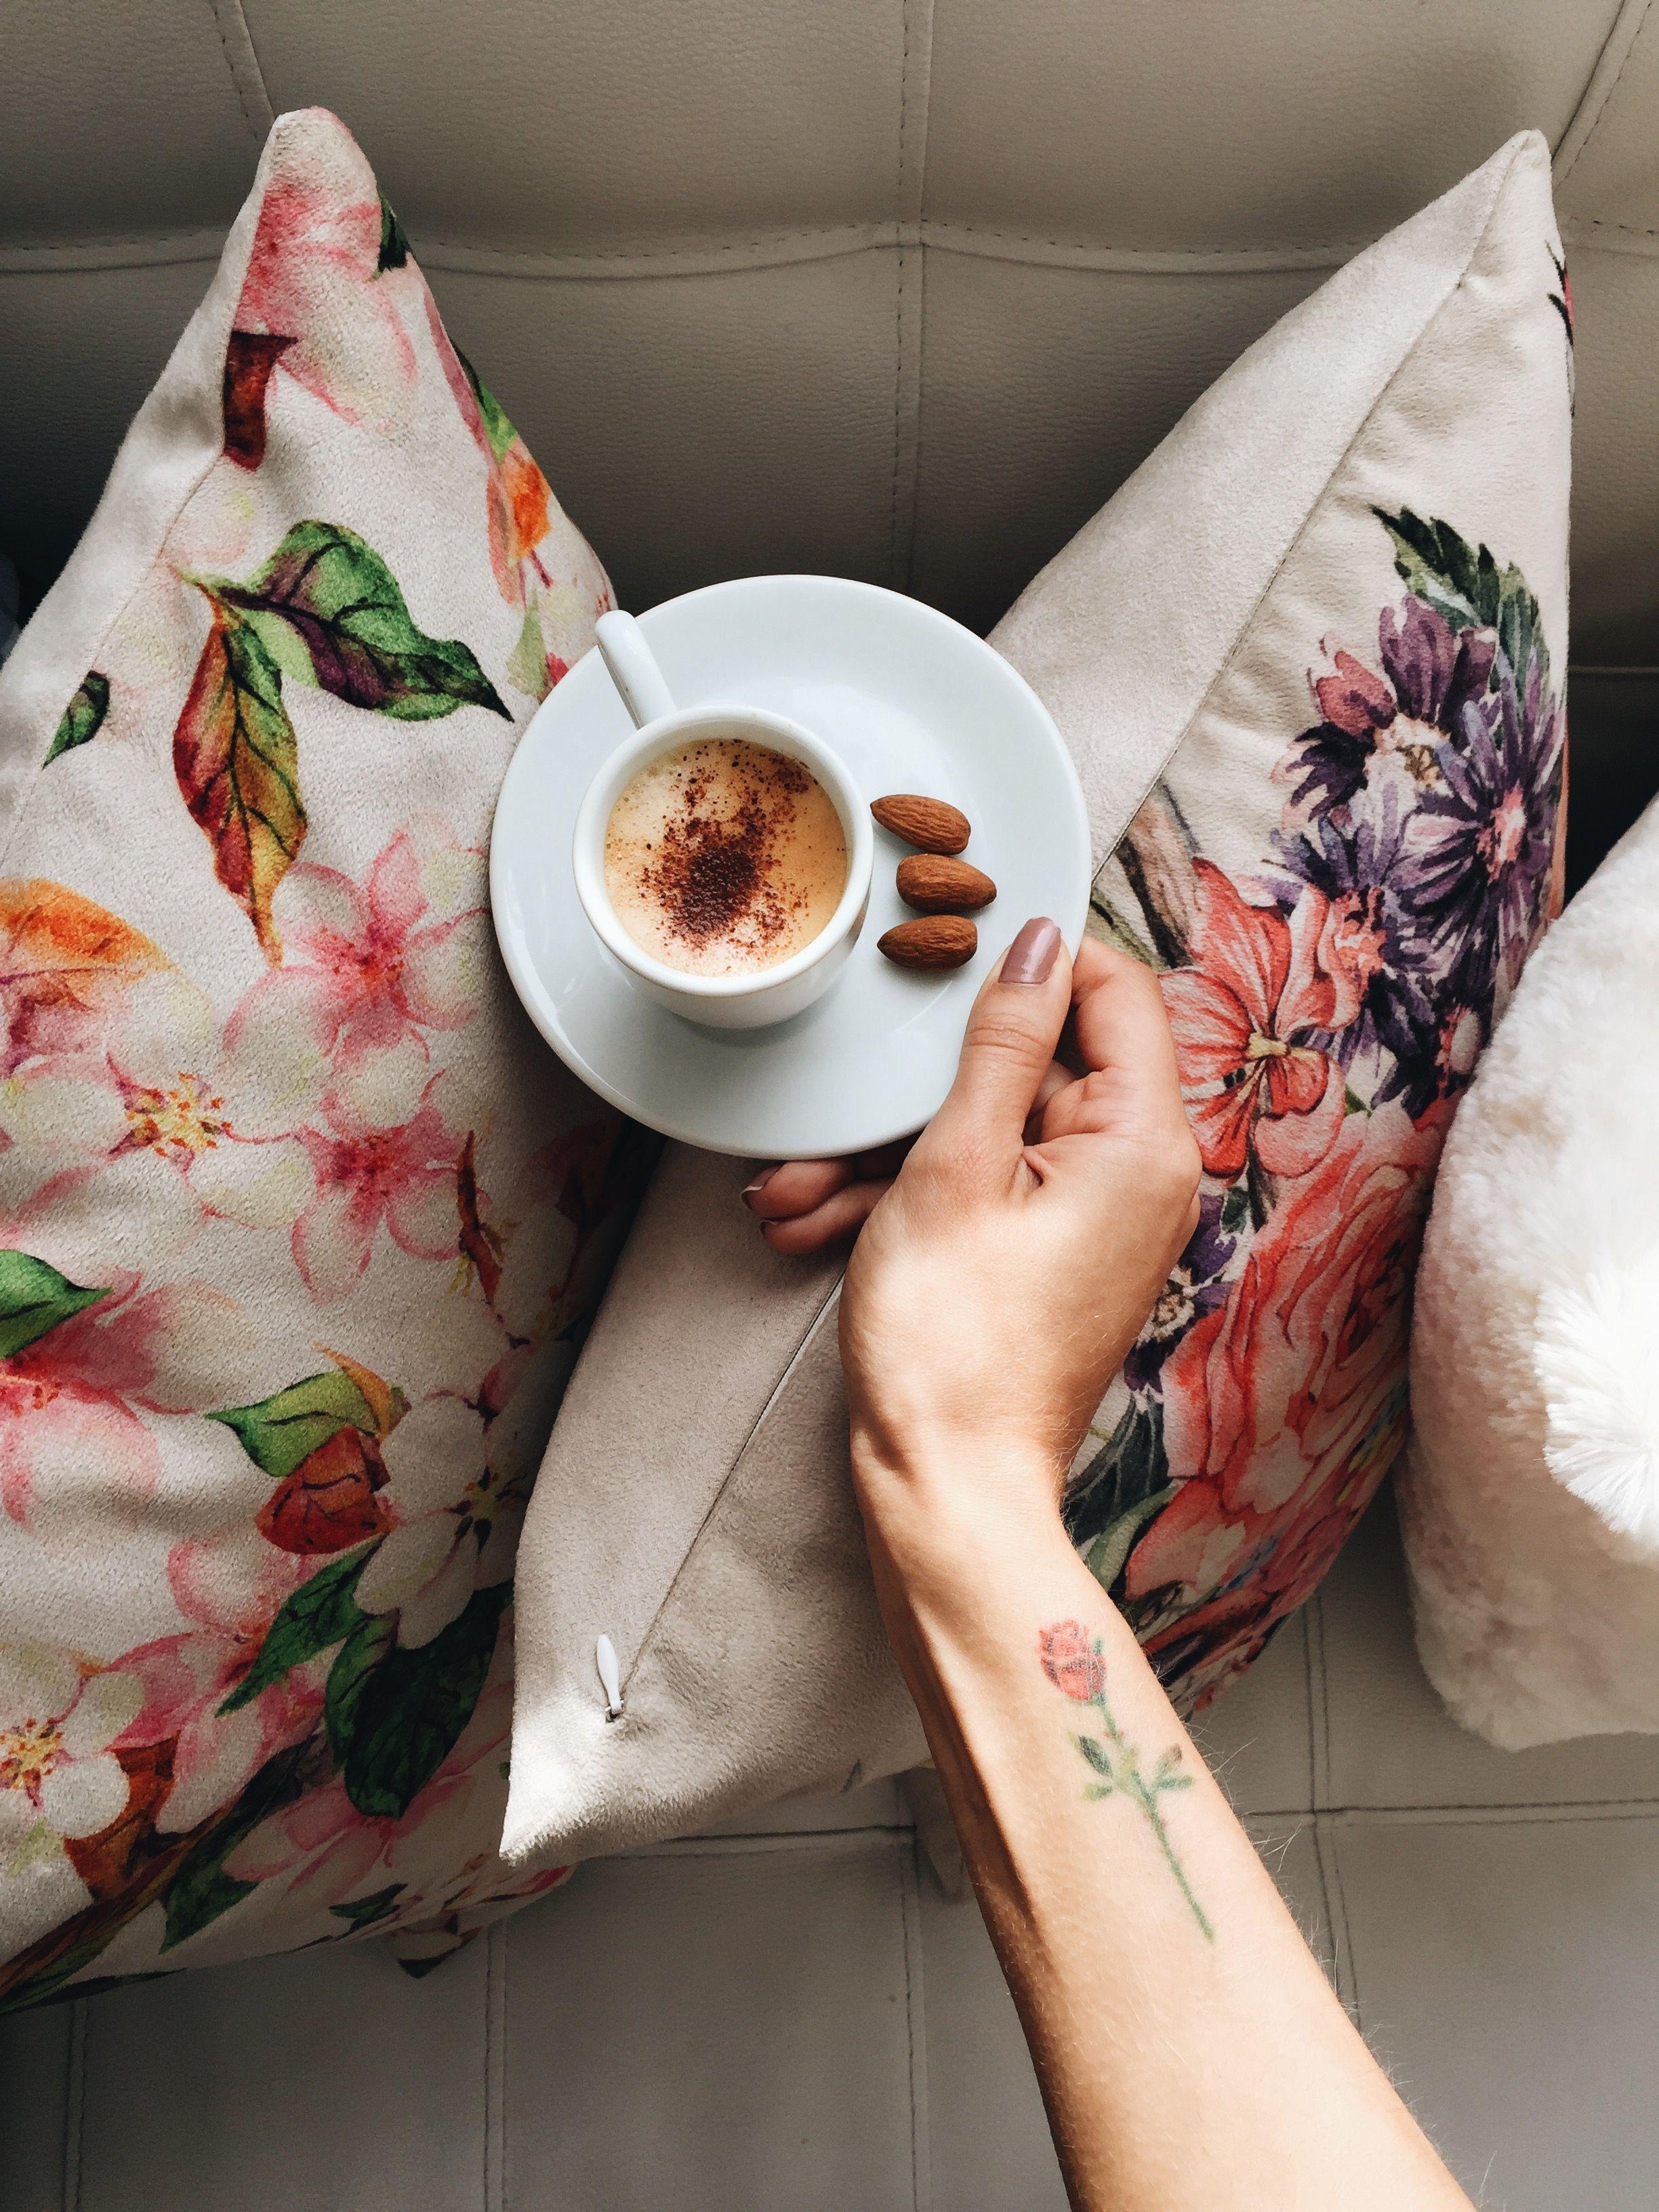 Ideia de café da manhã • mais em blogjustcarol (instagram